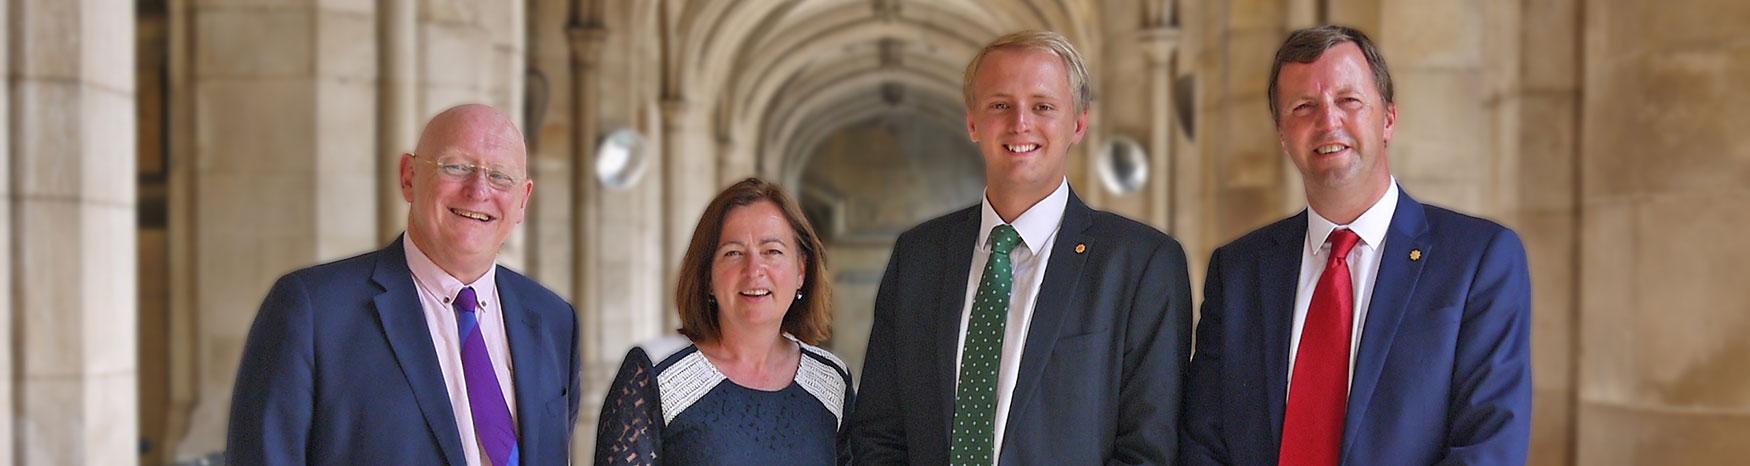 MPs 2017